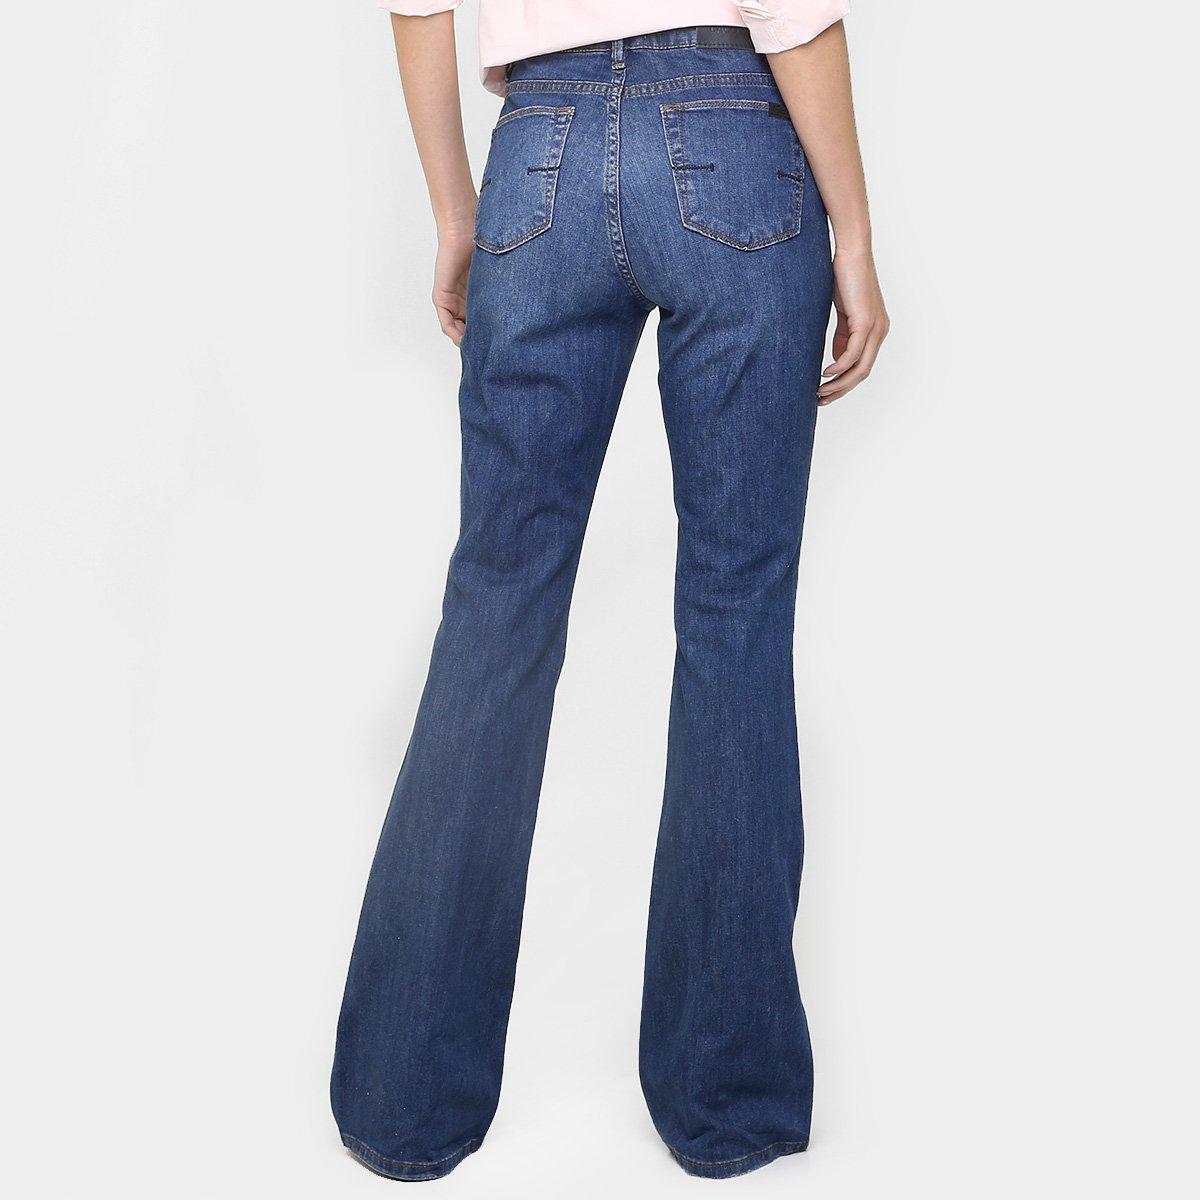 Calça Jeans Lacoste Flare  Calça Jeans Lacoste Flare ... 22ef257e50